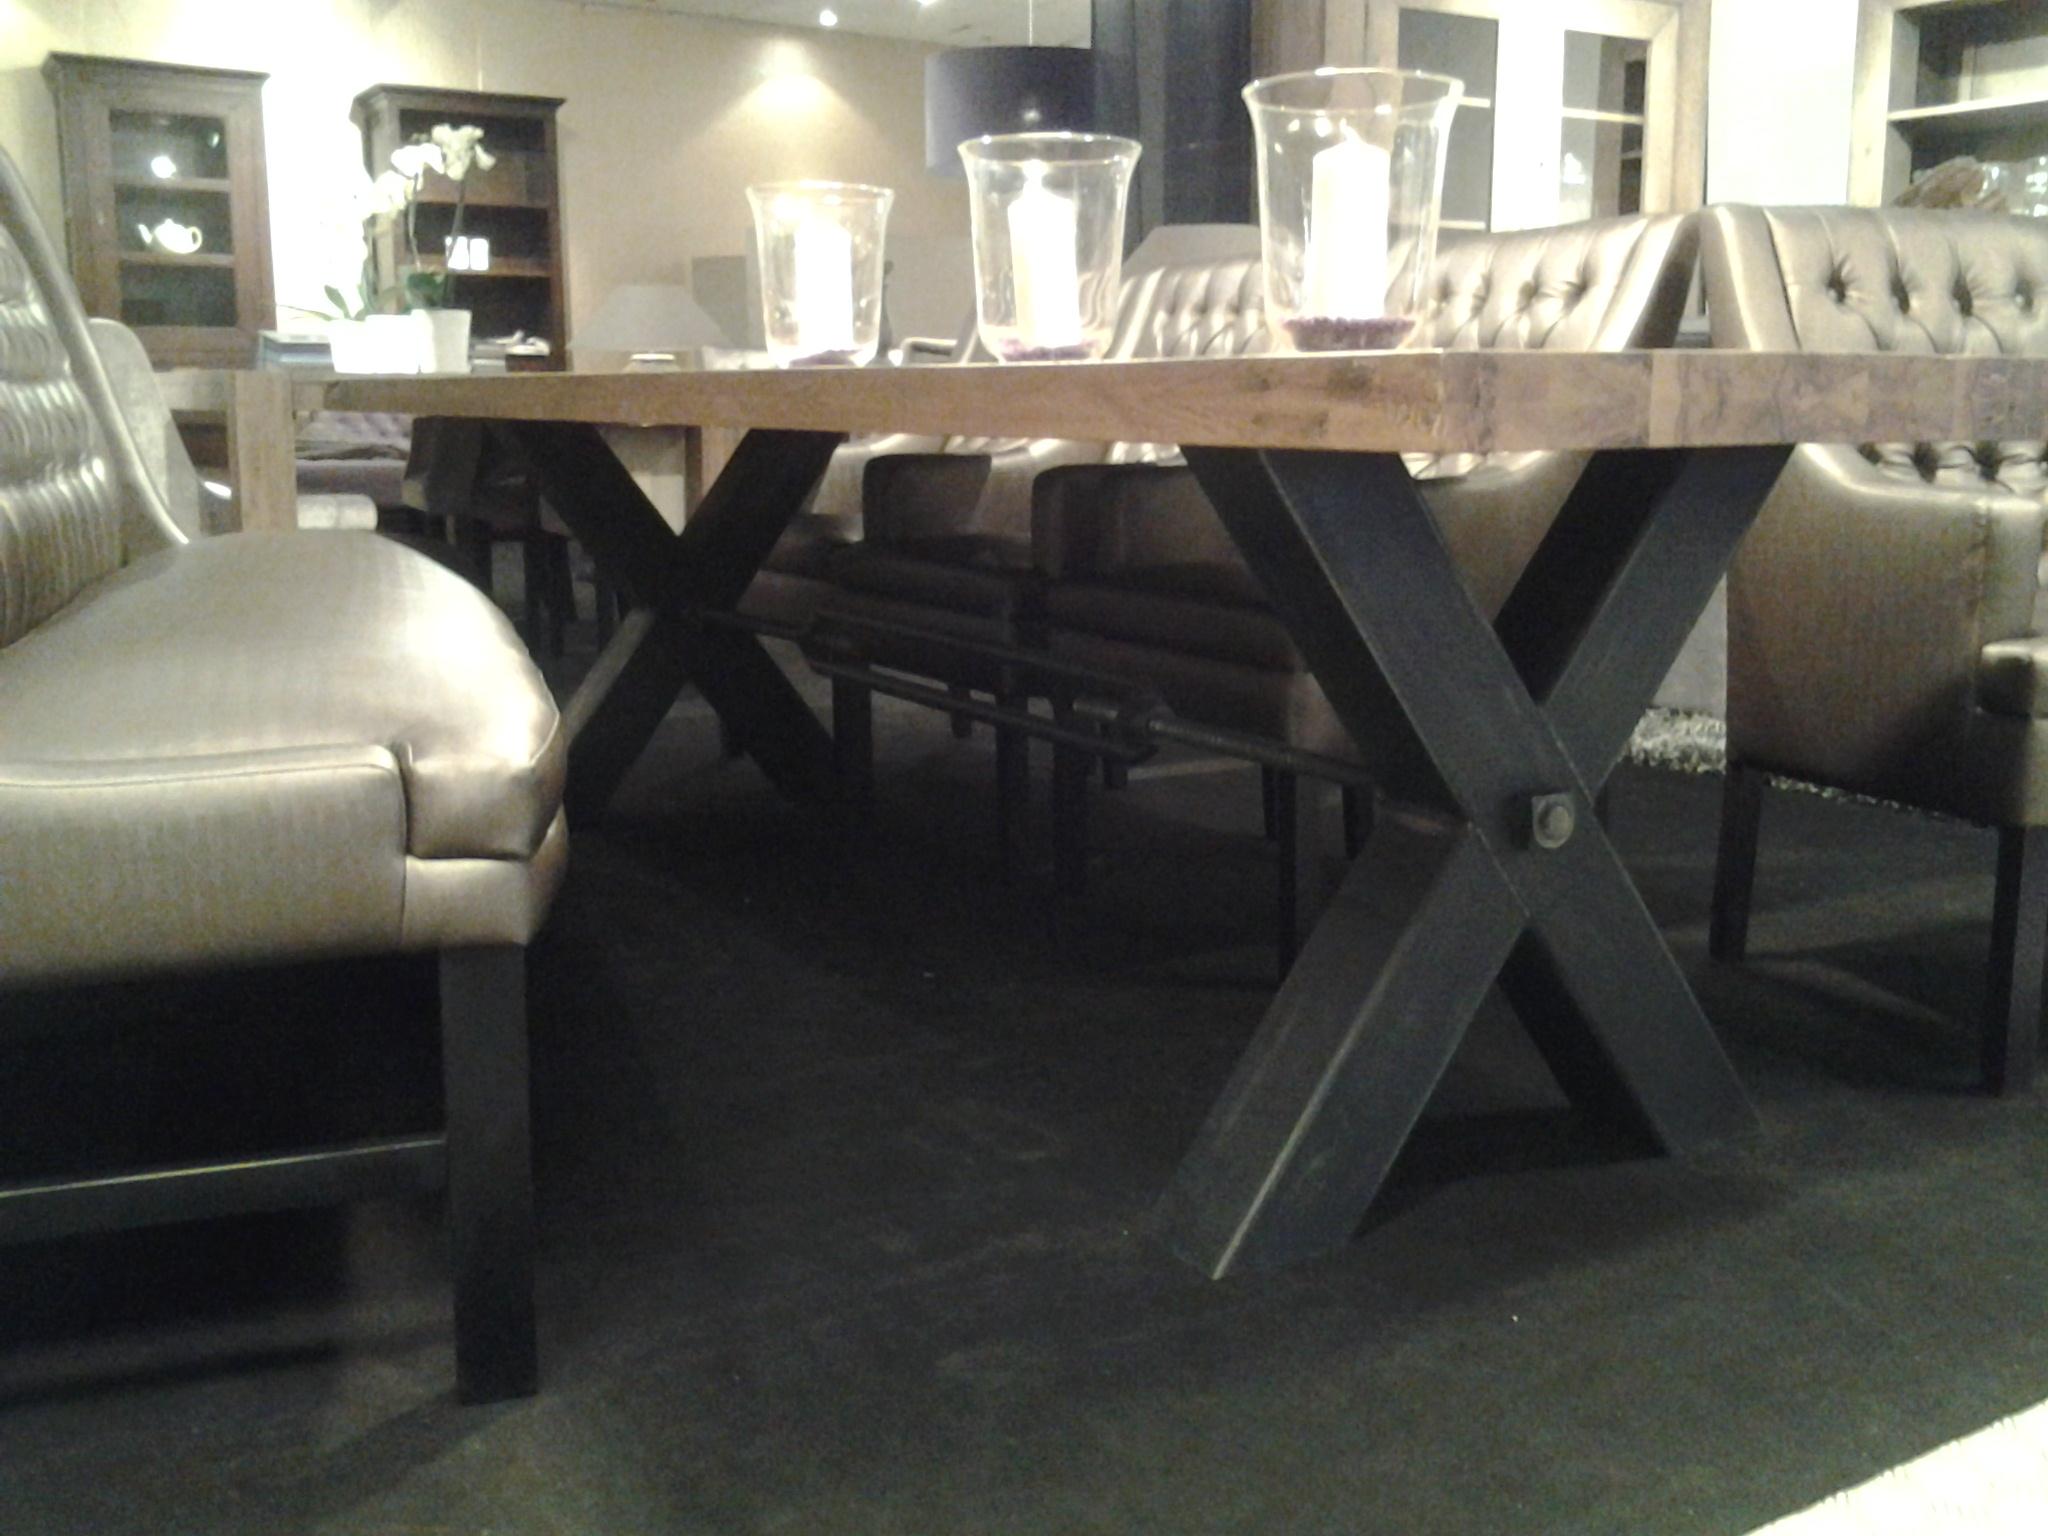 Eetkamertafel Decoratie : Eetkamertafel Industrial - Rue de Rosa